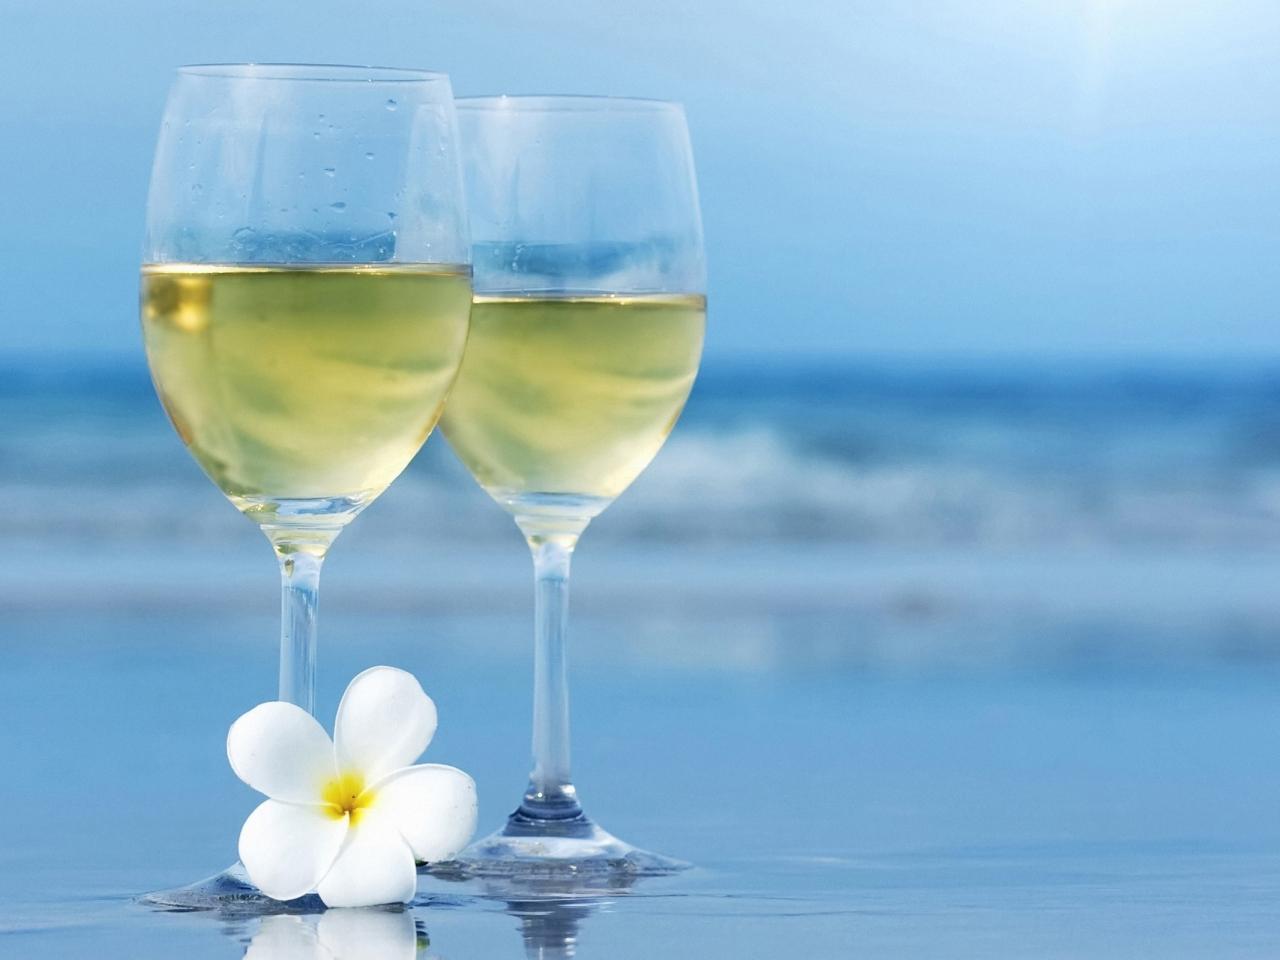 Dos copas de champagne - 1280x960